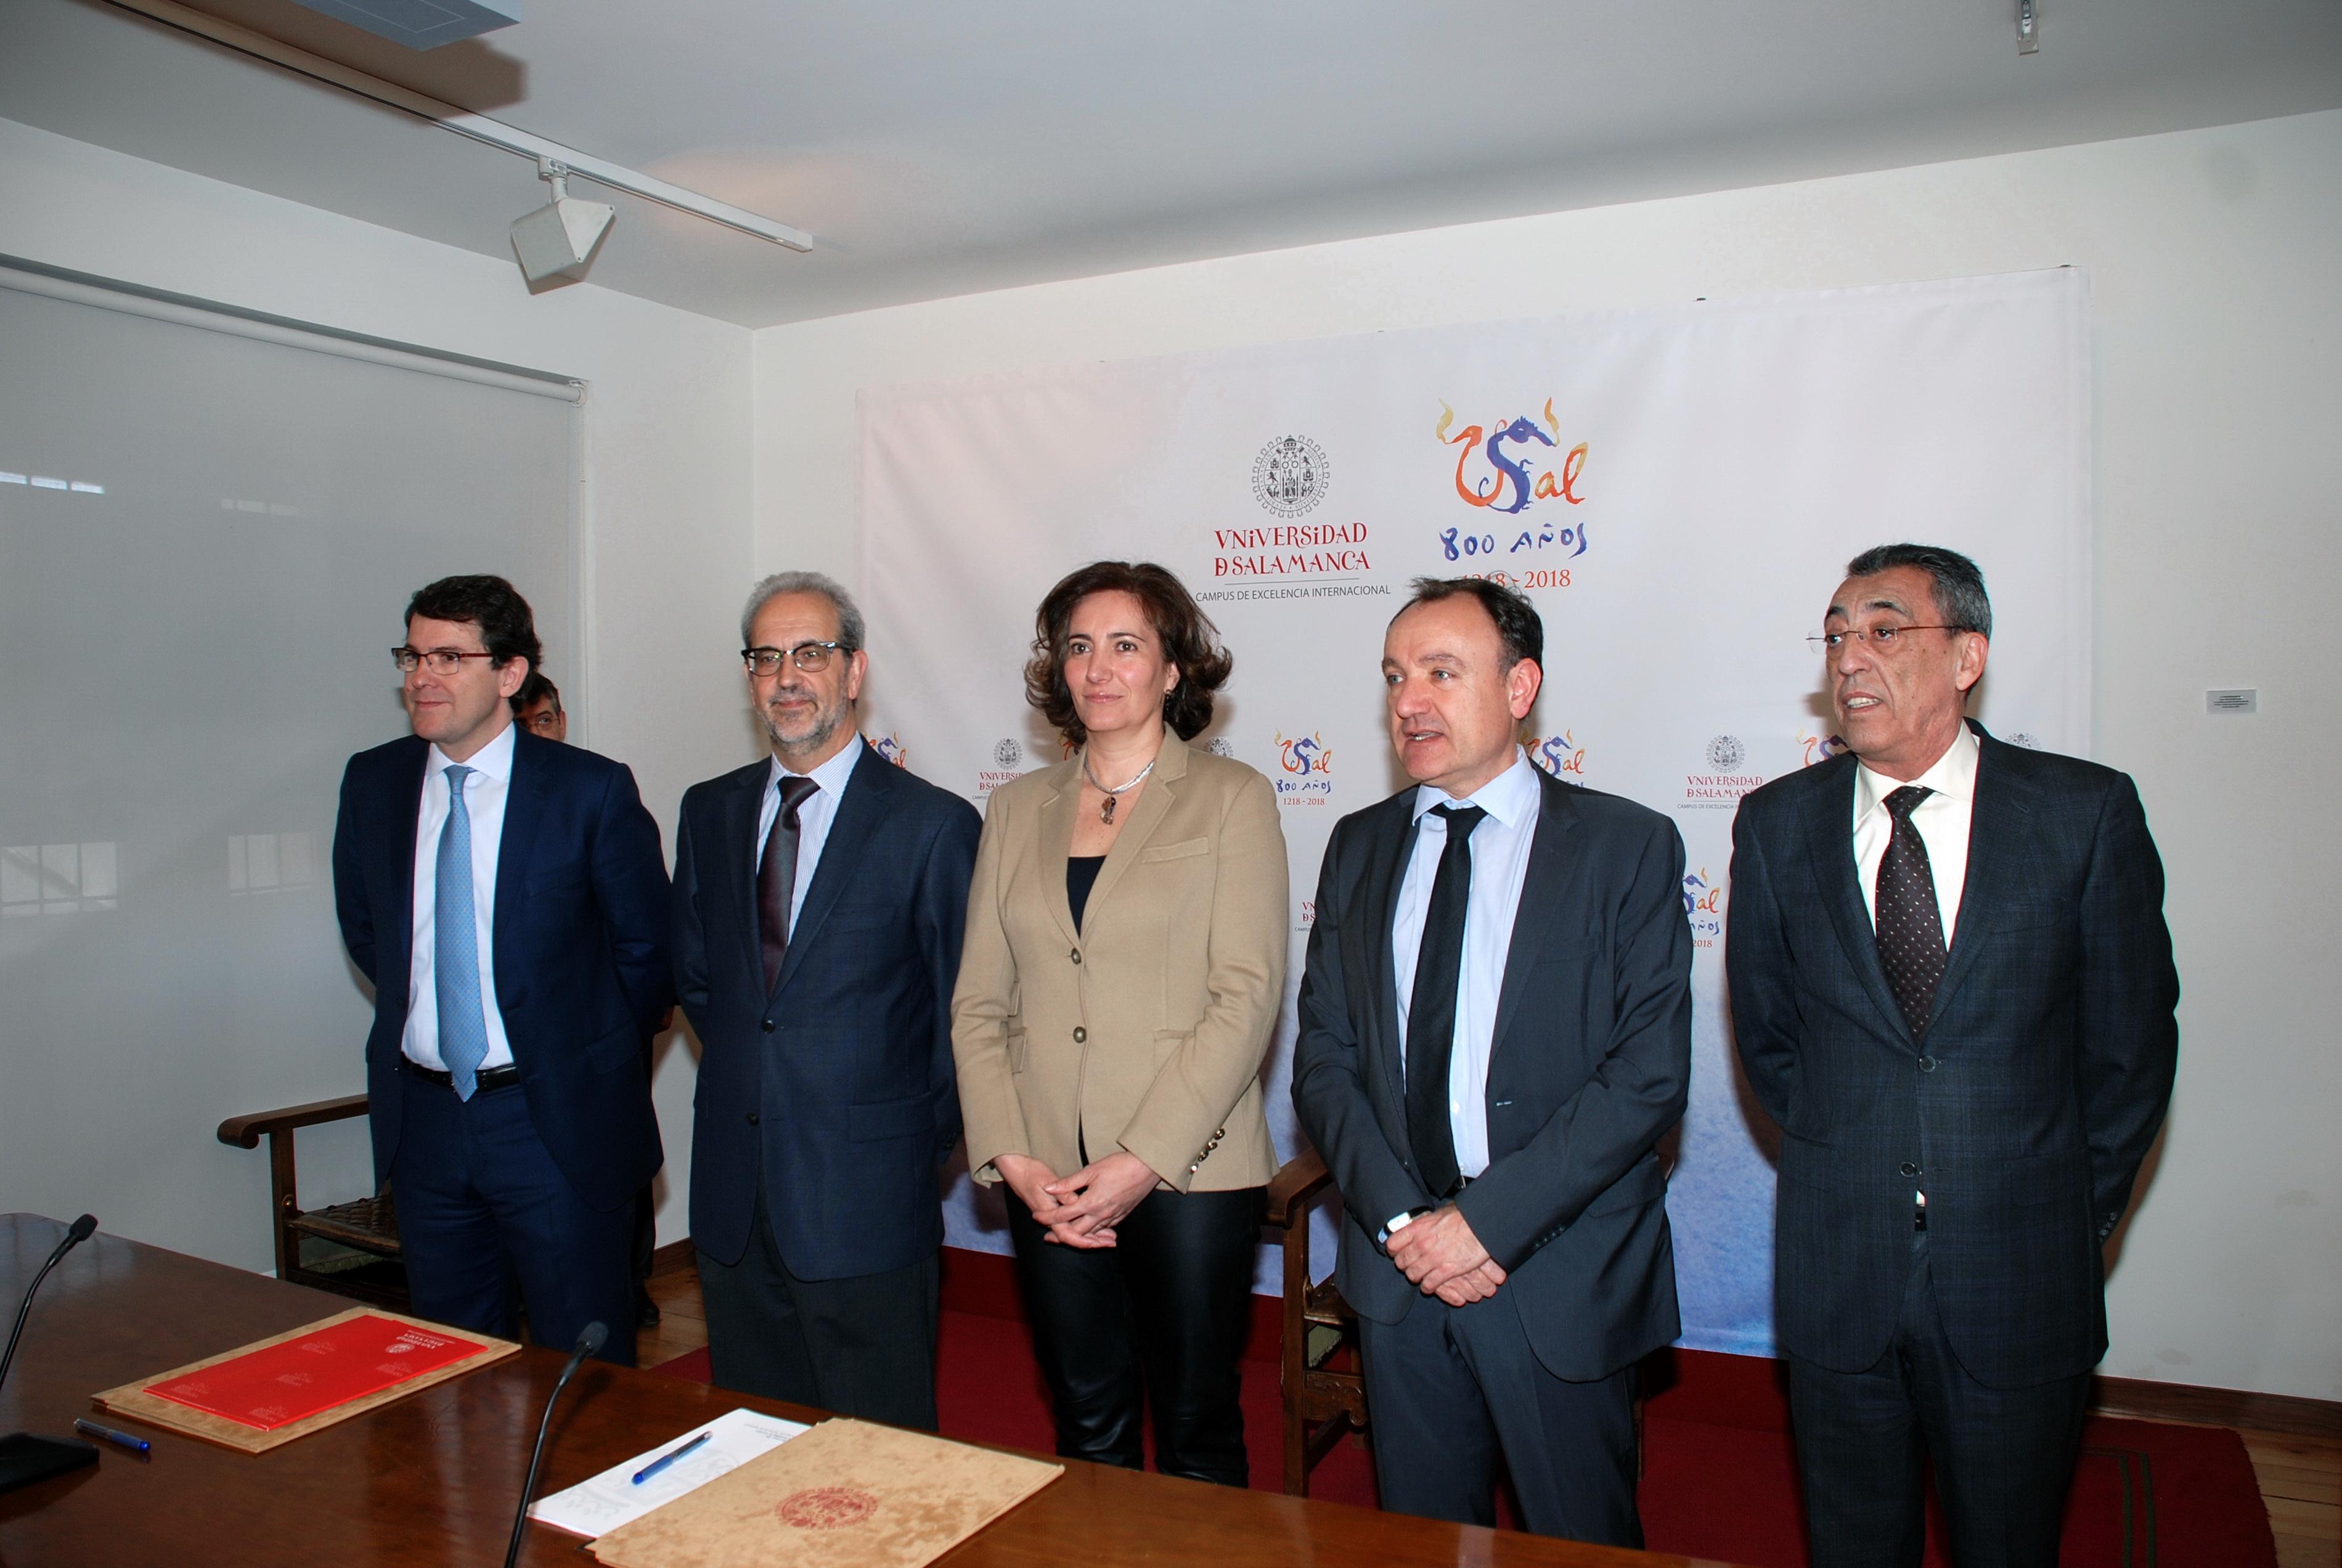 La Junta asume el compromiso de financiar las obras del futuro Centro Internacional de Referencia del Español de la Universidad de Salamanca